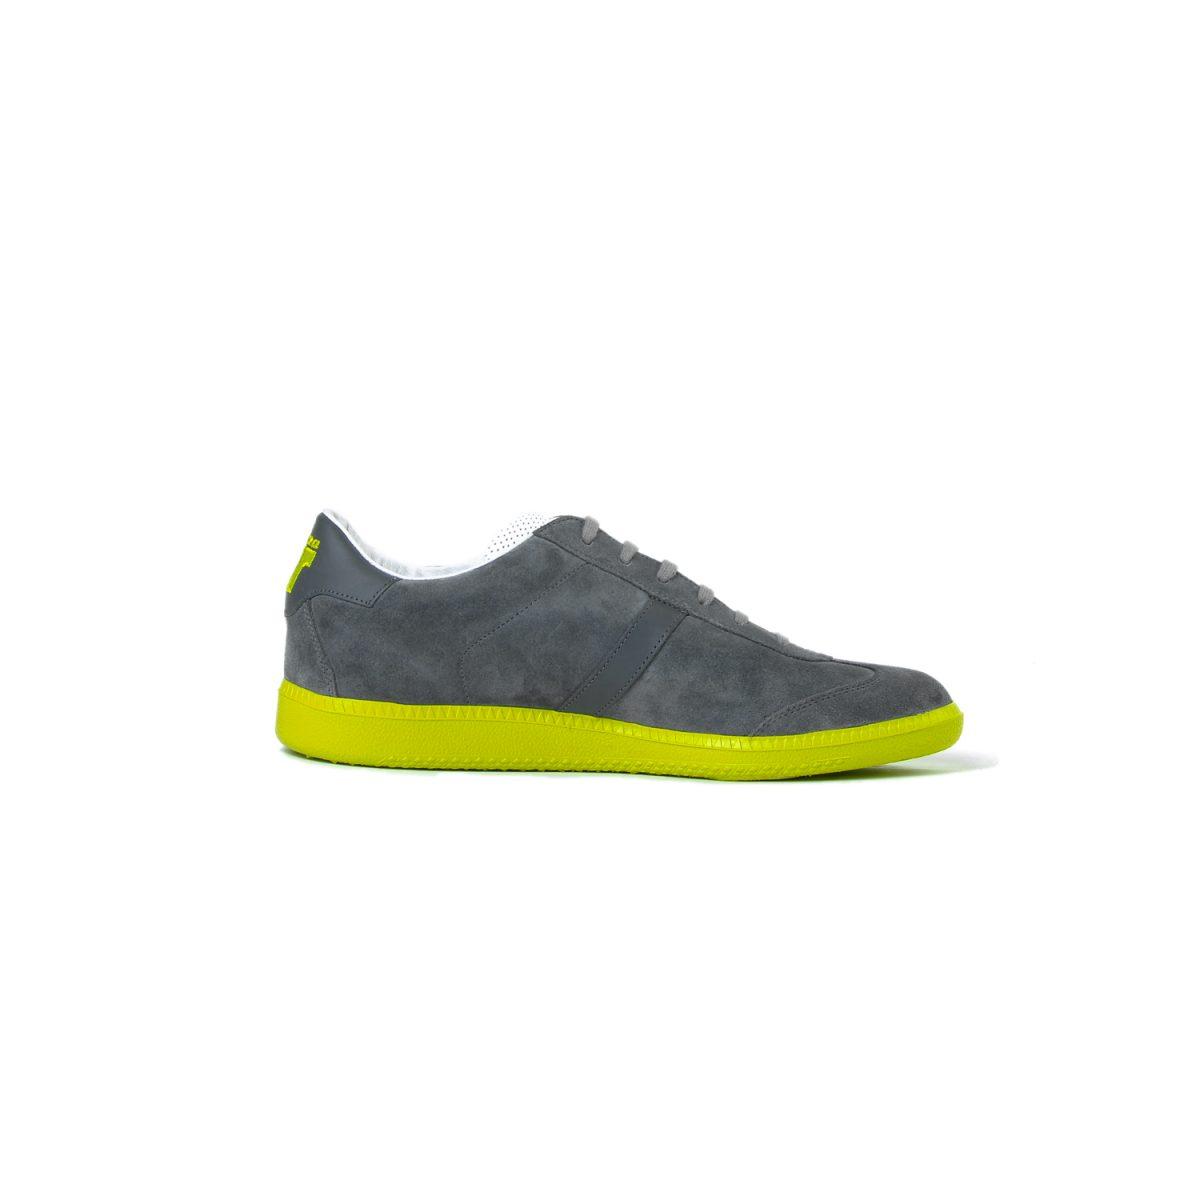 Tisza cipő - Comfort - Szürke-lime